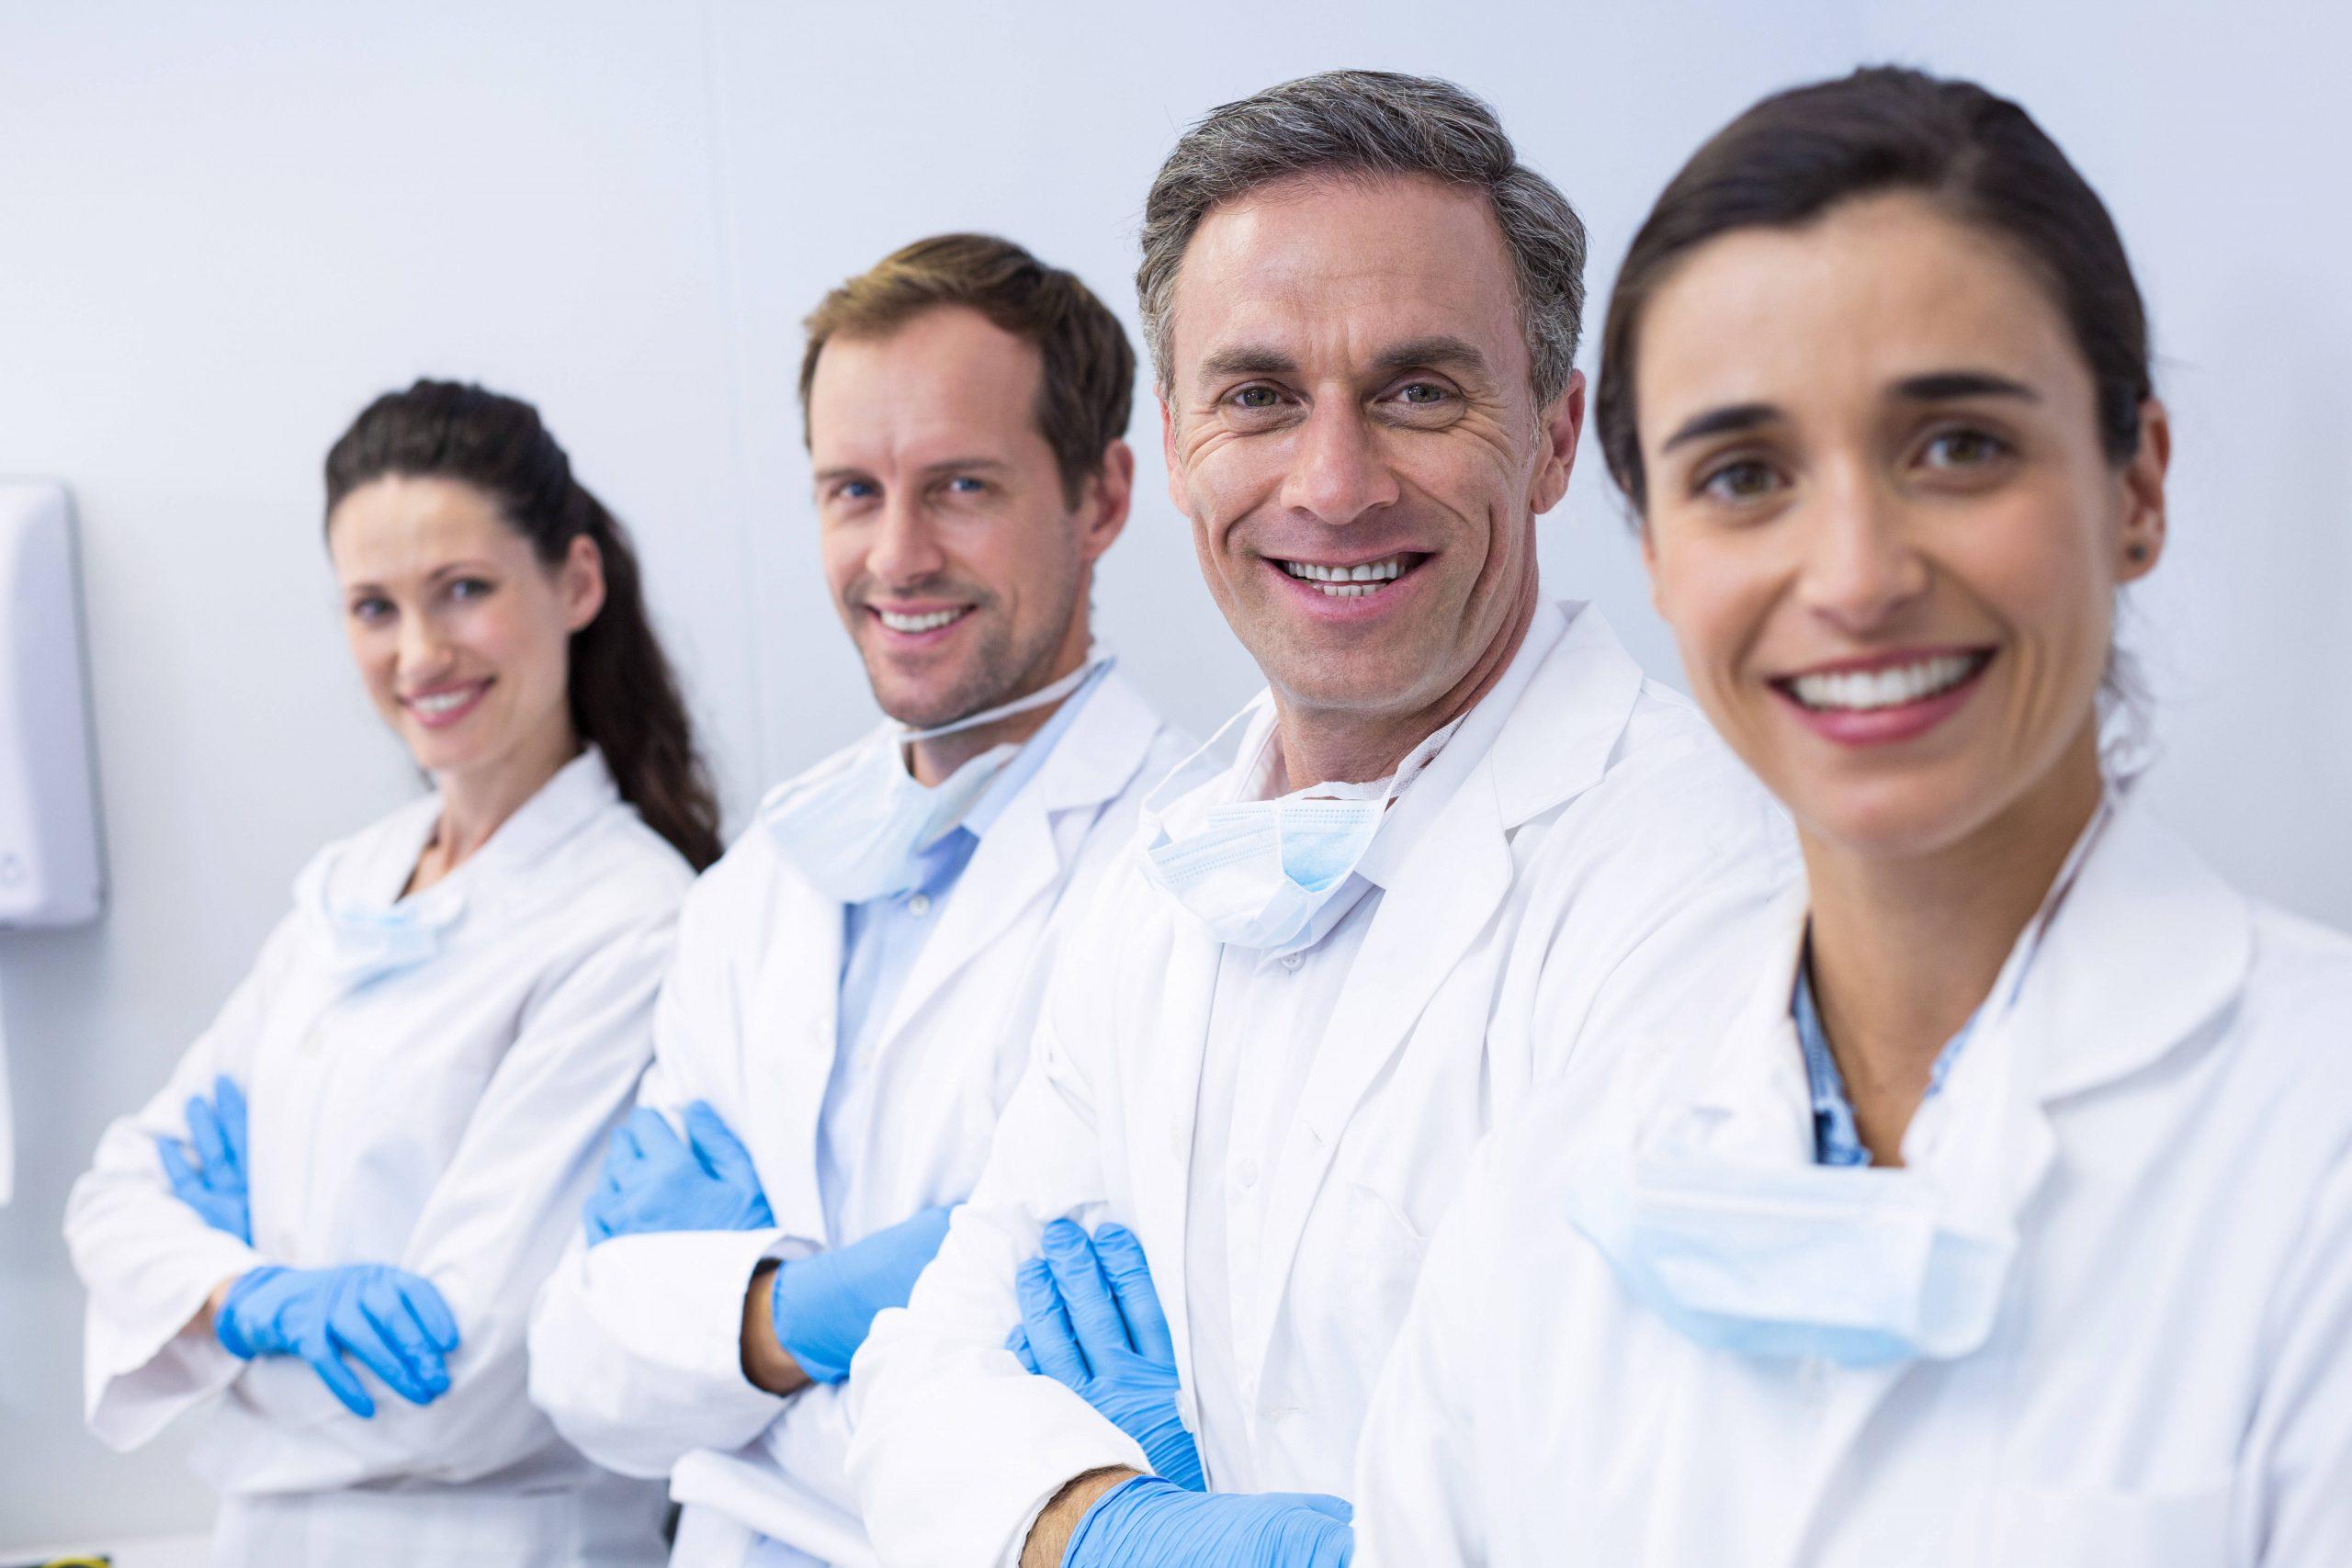 Cuidar de nuestra salud bucodental, una necesidad para mejorar en calidad de vida